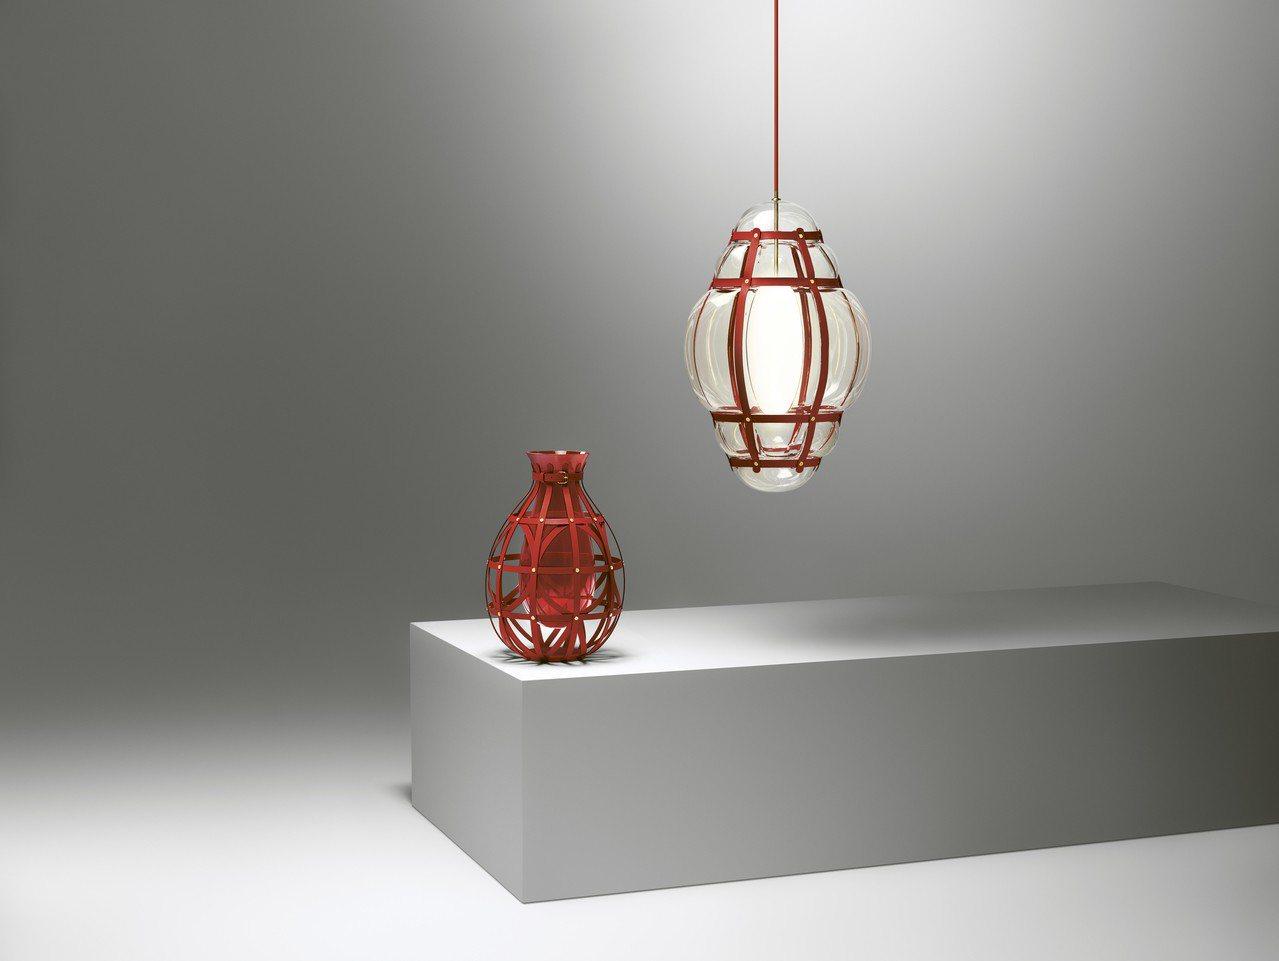 鑽石花瓶與Venezia玻璃吊燈都運用了穆拉諾手工玻璃做為材質。圖/LV提供